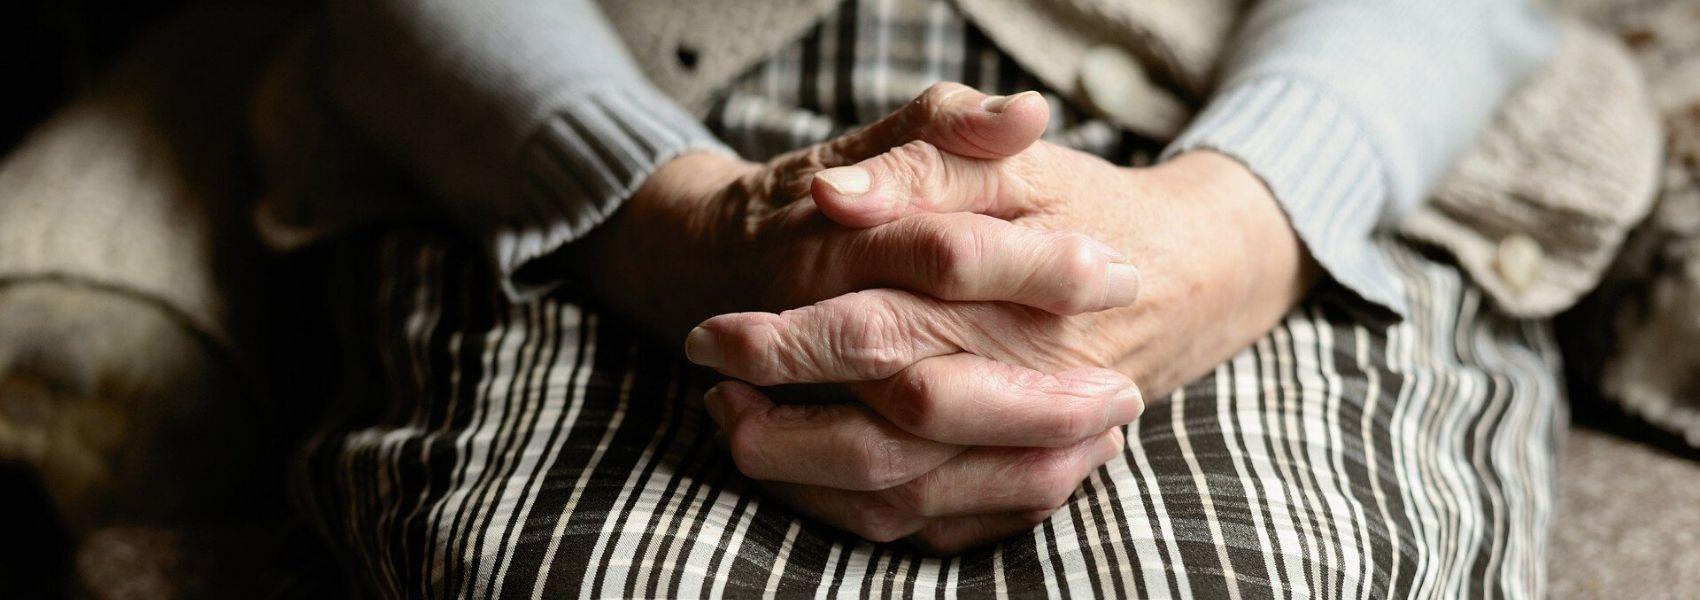 Ansiedade e depressão afetam muitos dos doentes com Parkinson